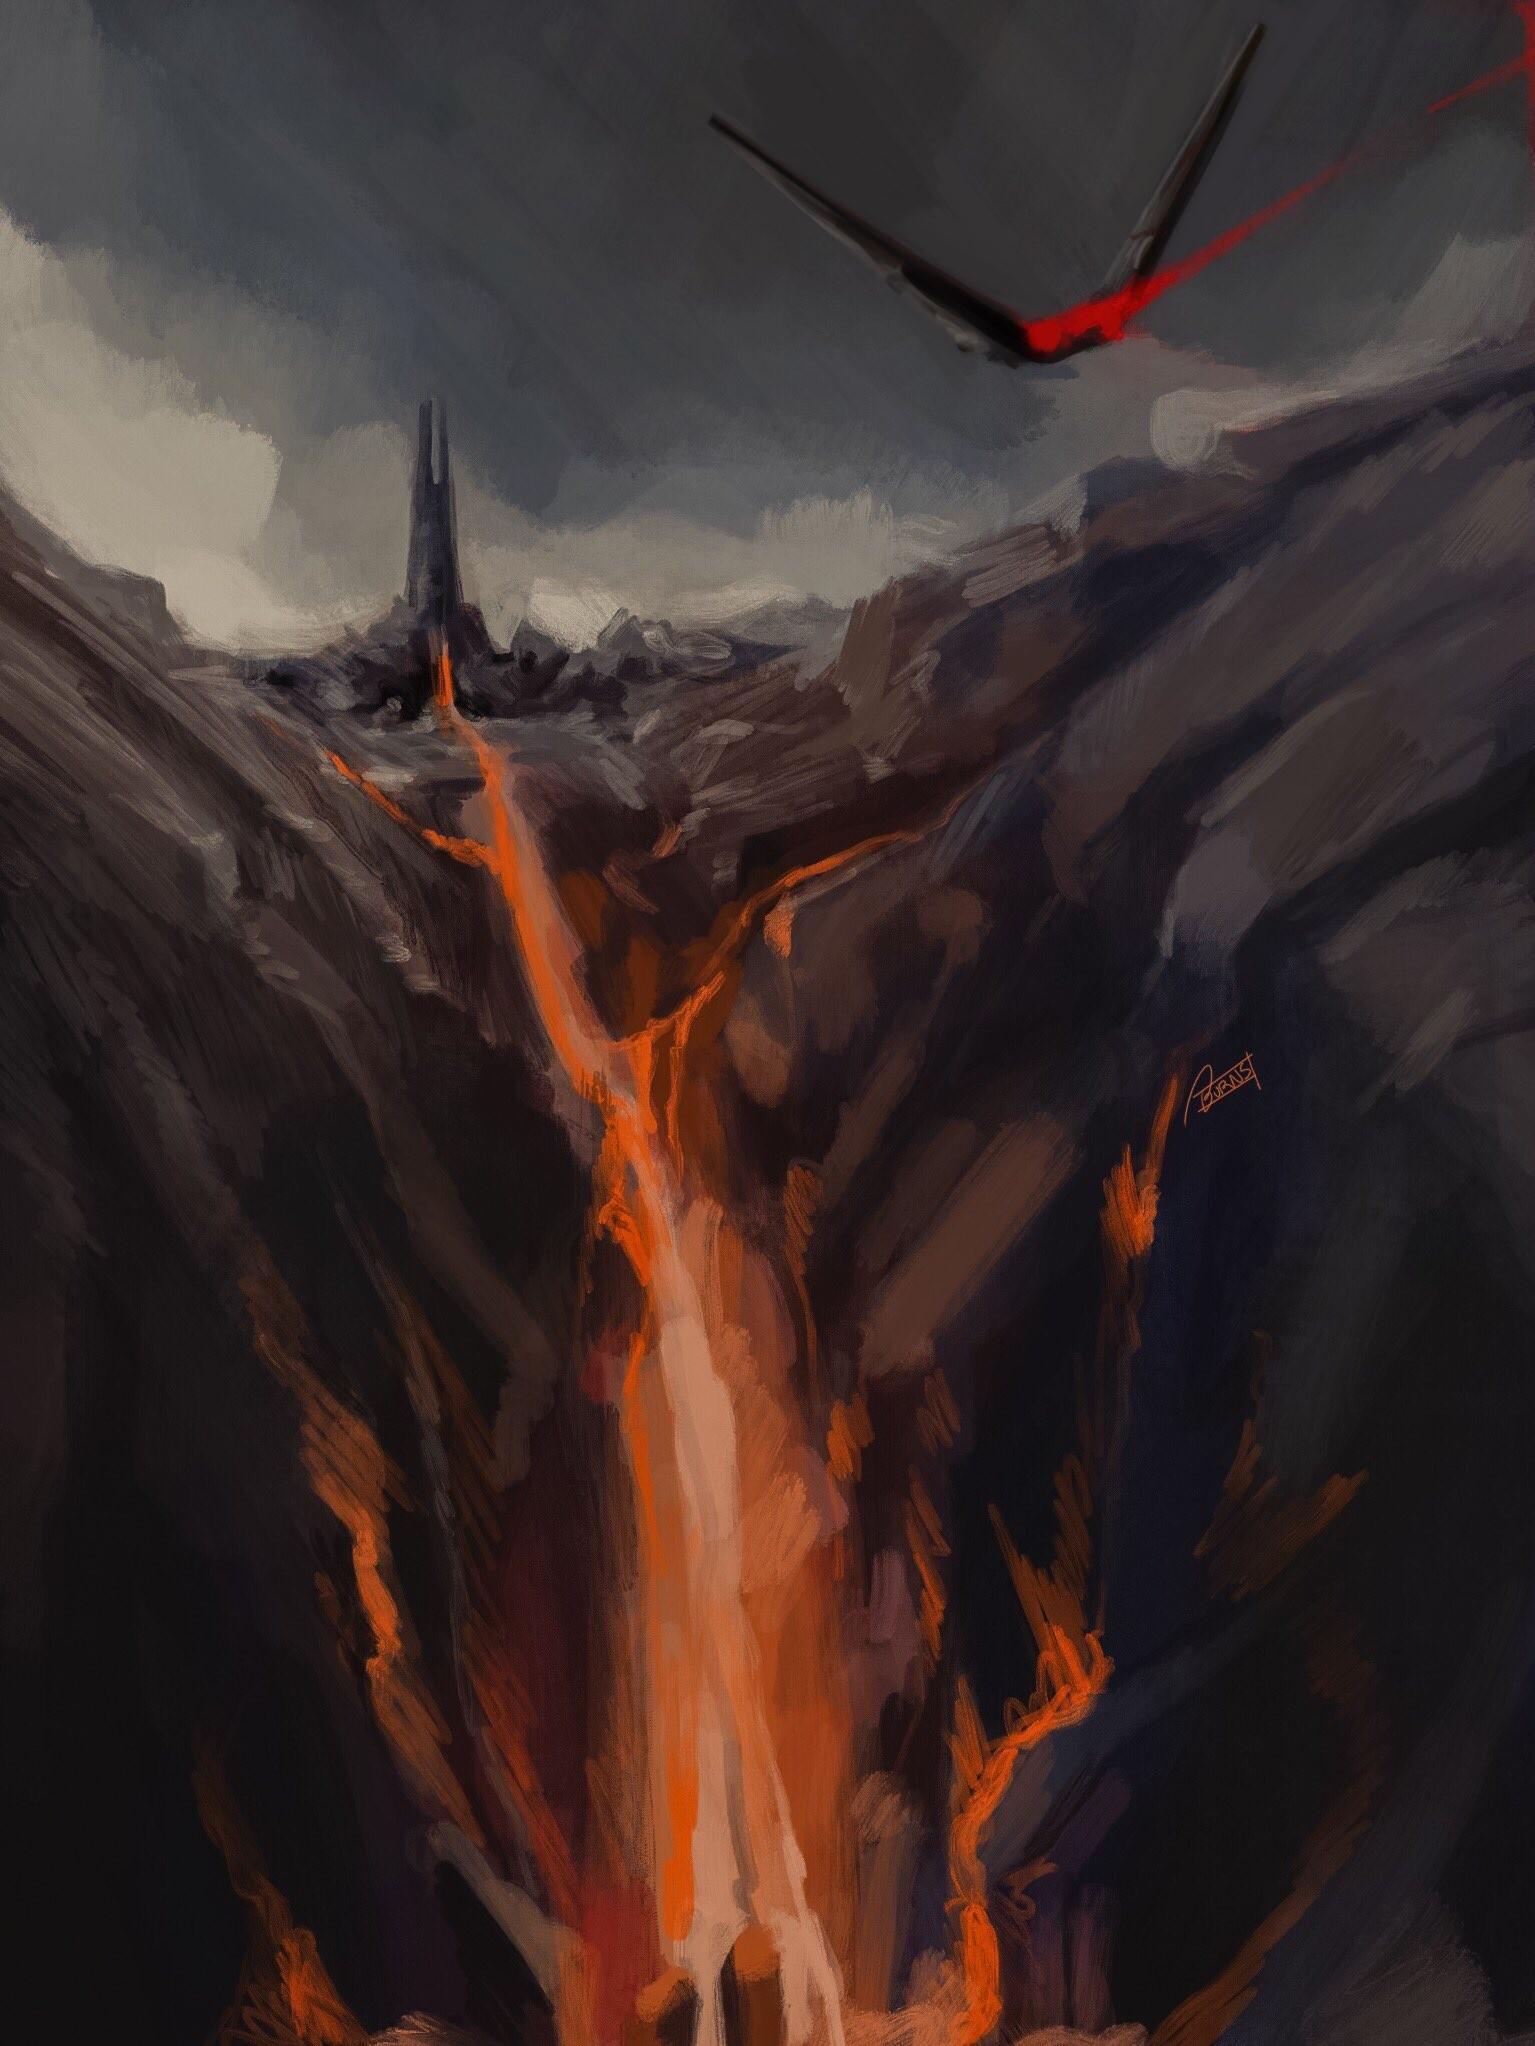 John burns img 8703